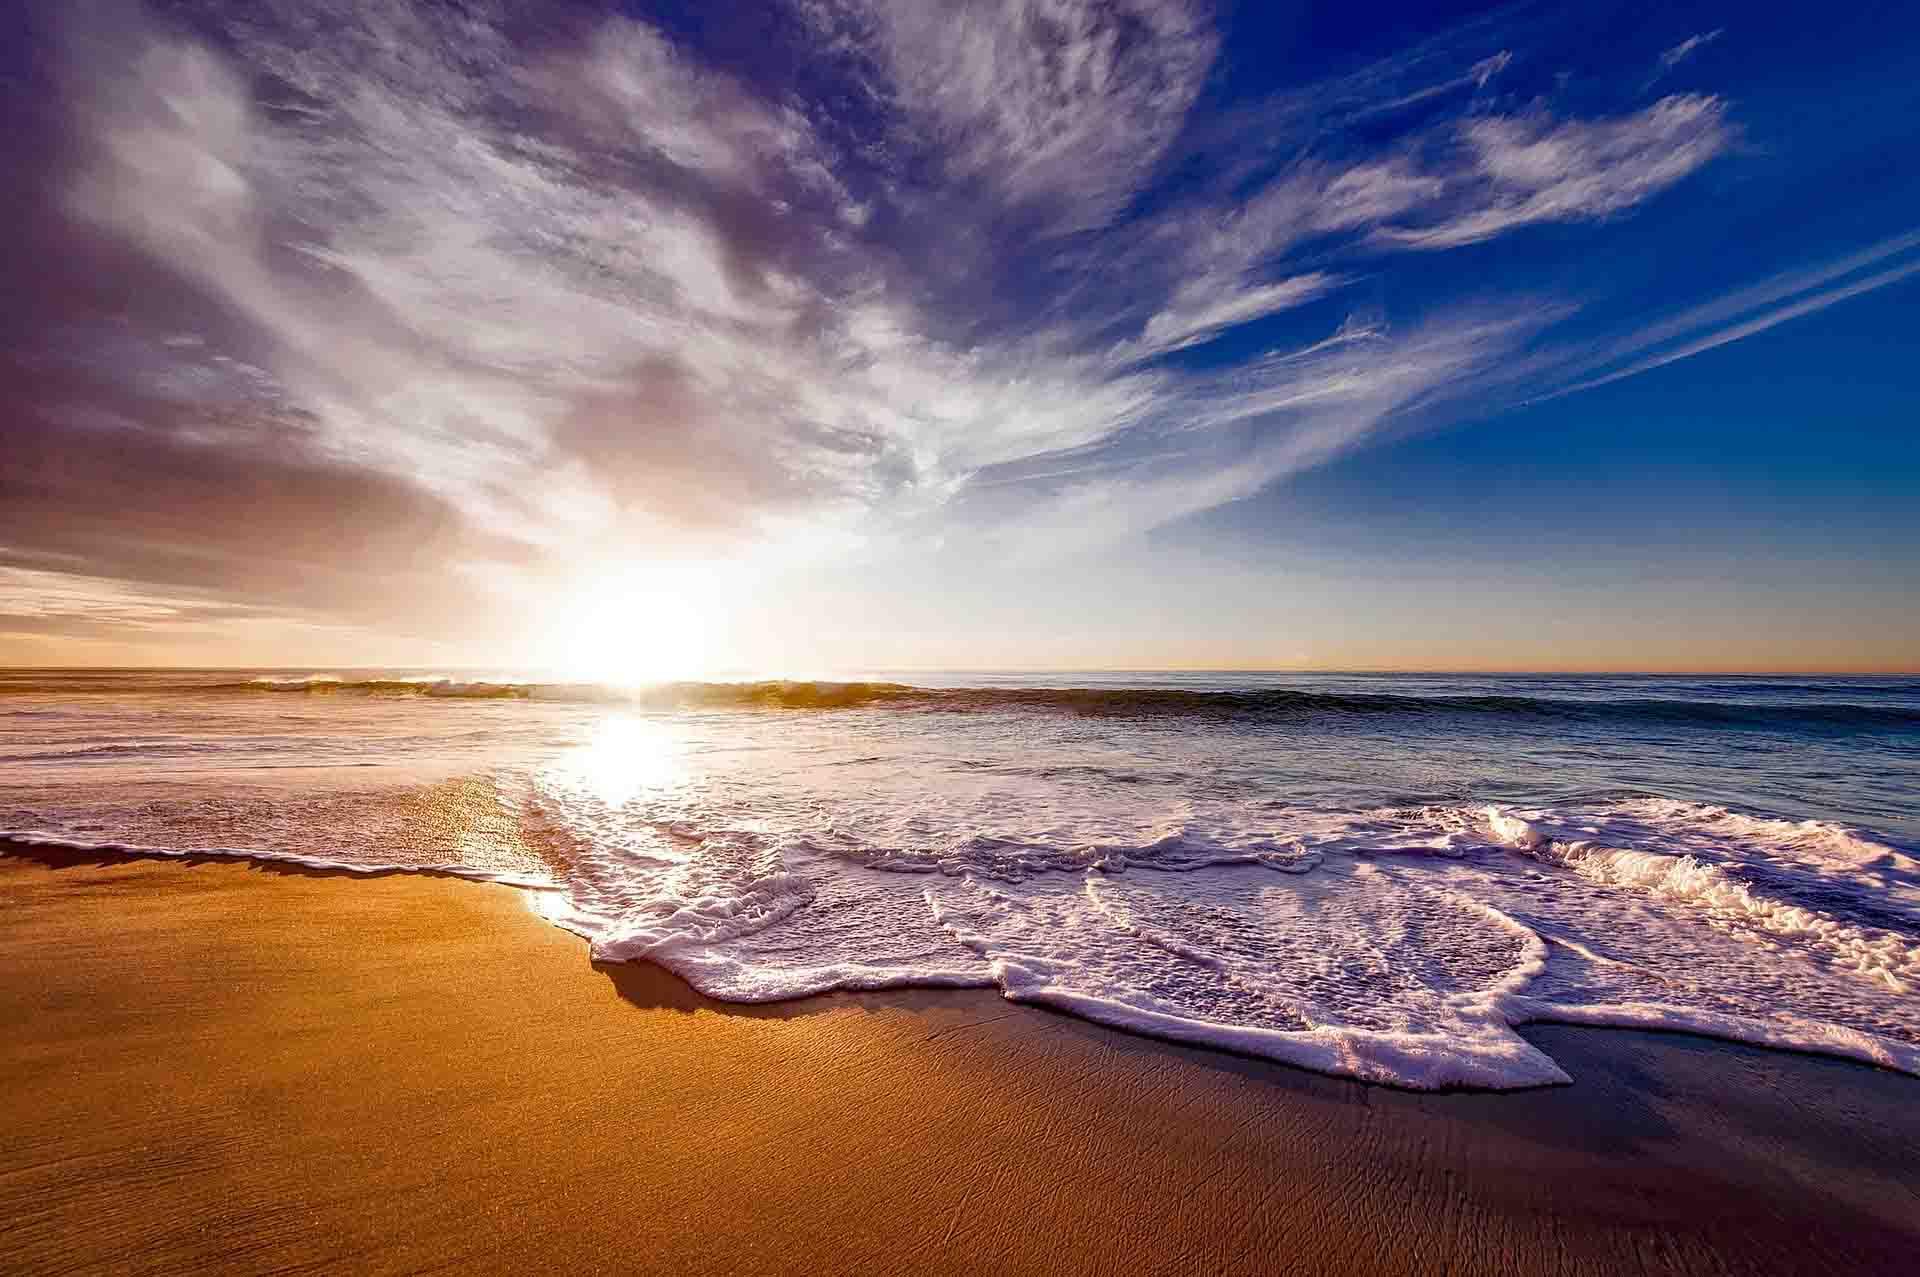 sol se pondo praia